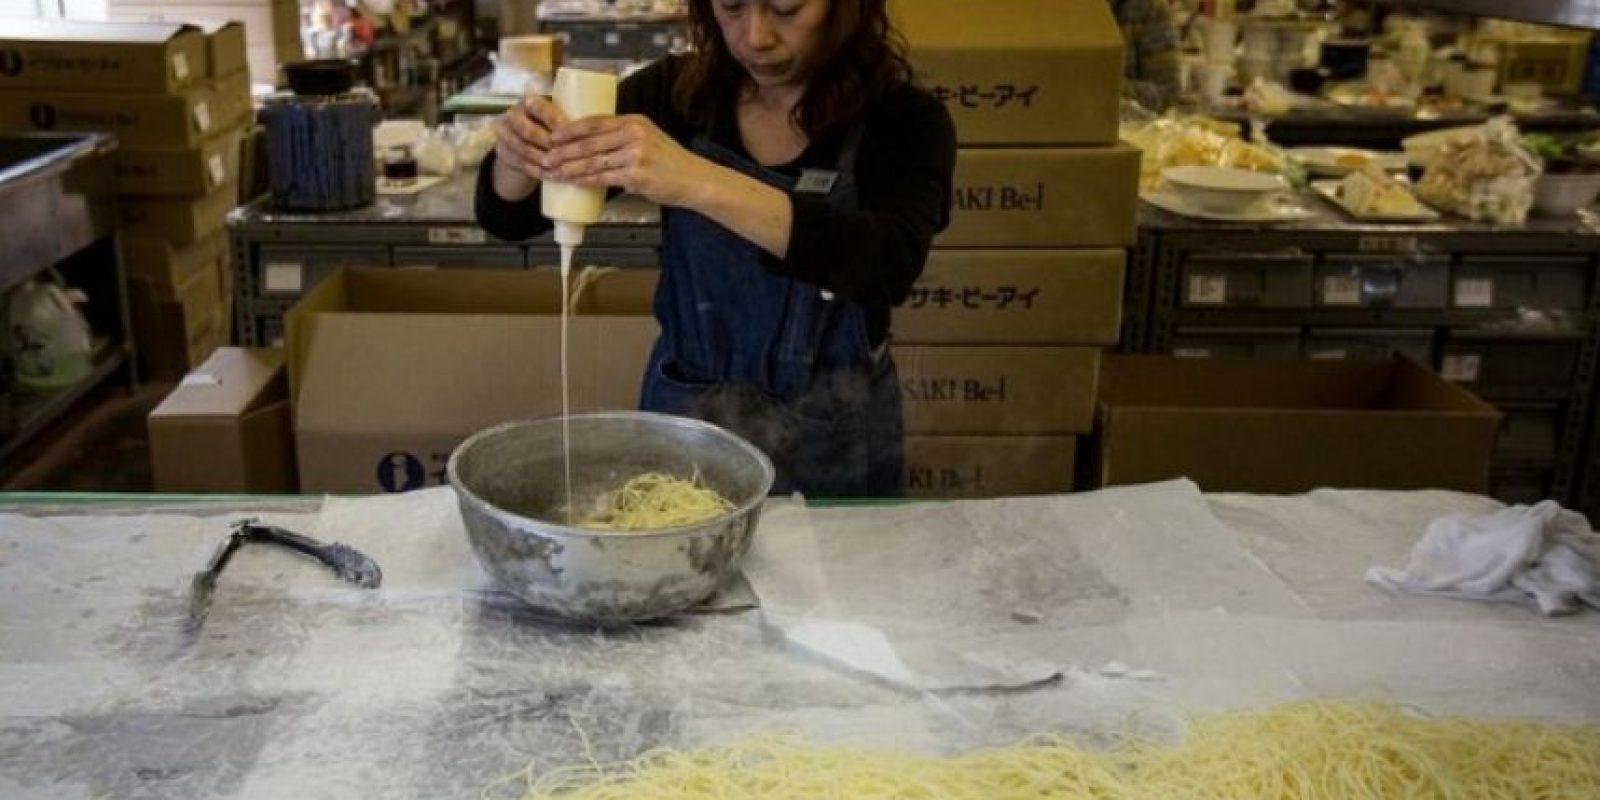 El cocinero de un restaurante ubicado en la provincia del norte de Shaanxi, China, fue detenido al ser descubierto que añadía polvo de opio a sus platillos para que los clientes regresaran. Foto:Getty Images